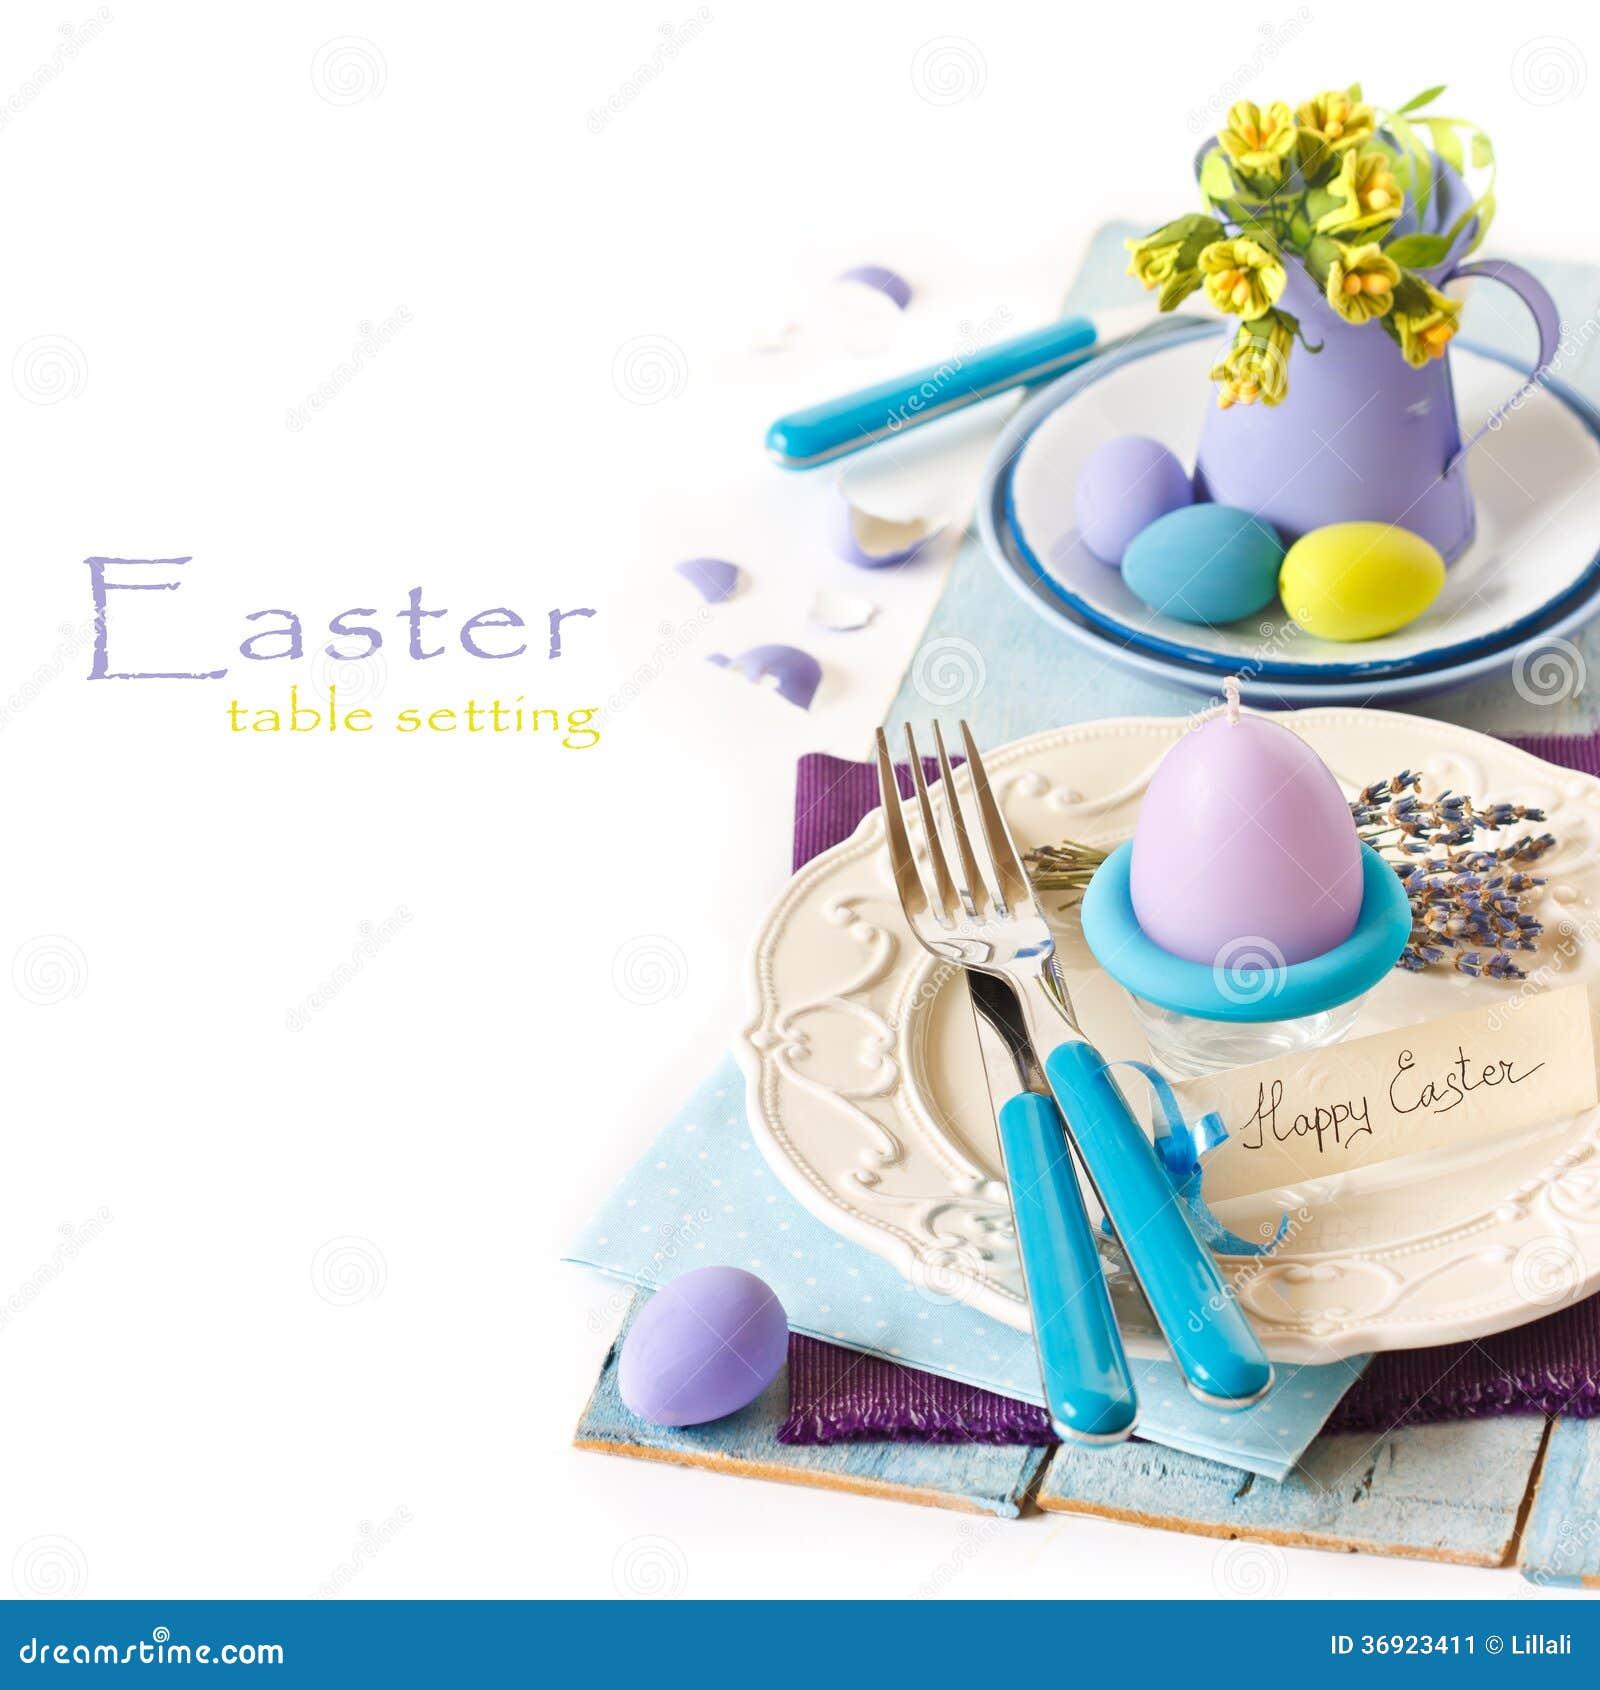 Wielkanocy stołowy położenie.